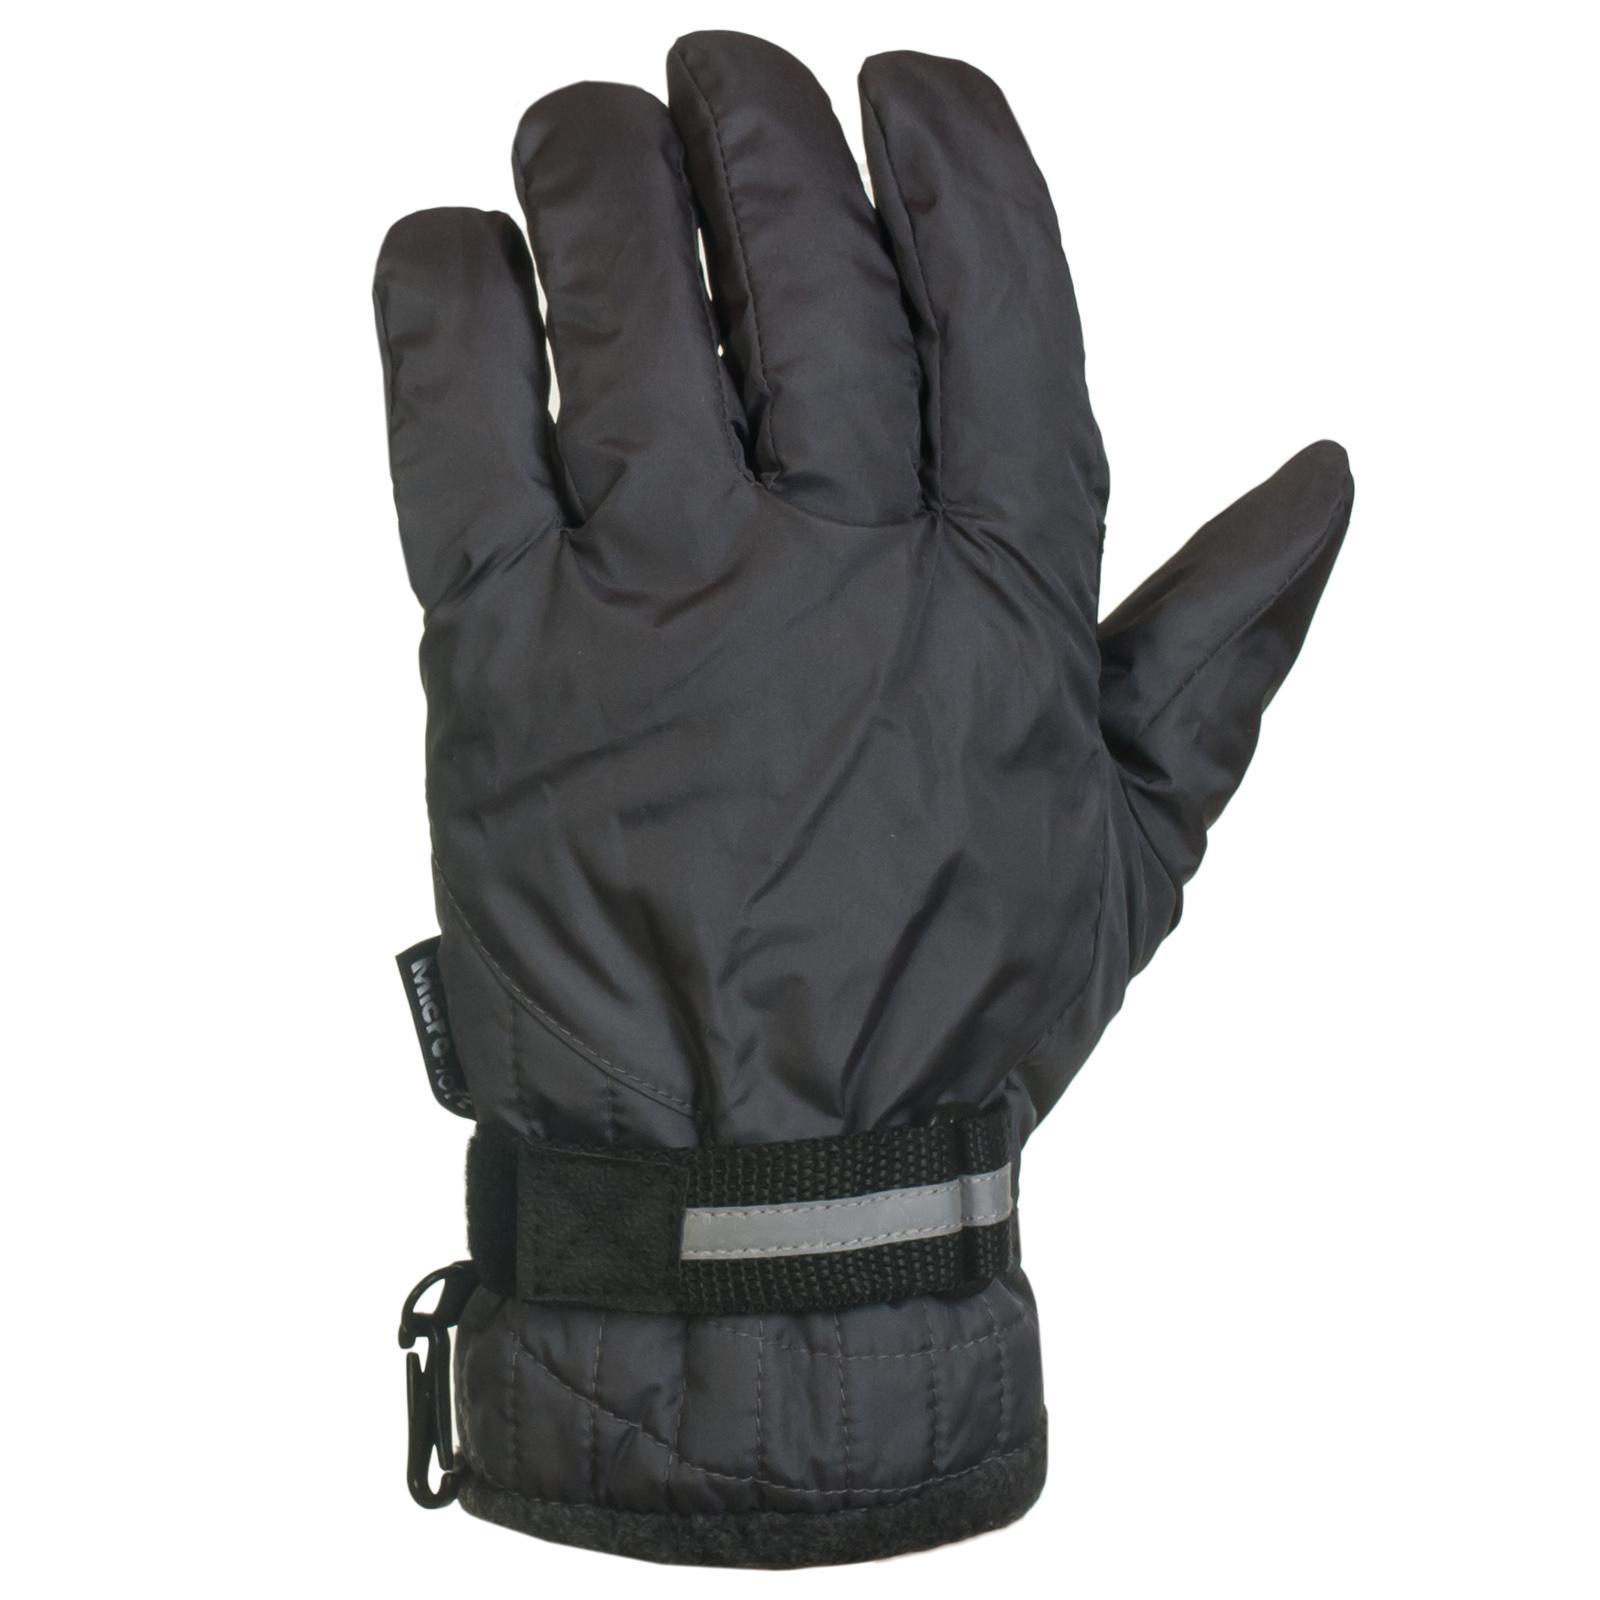 Эксклюзивные перчатки с фиксатором на запястье